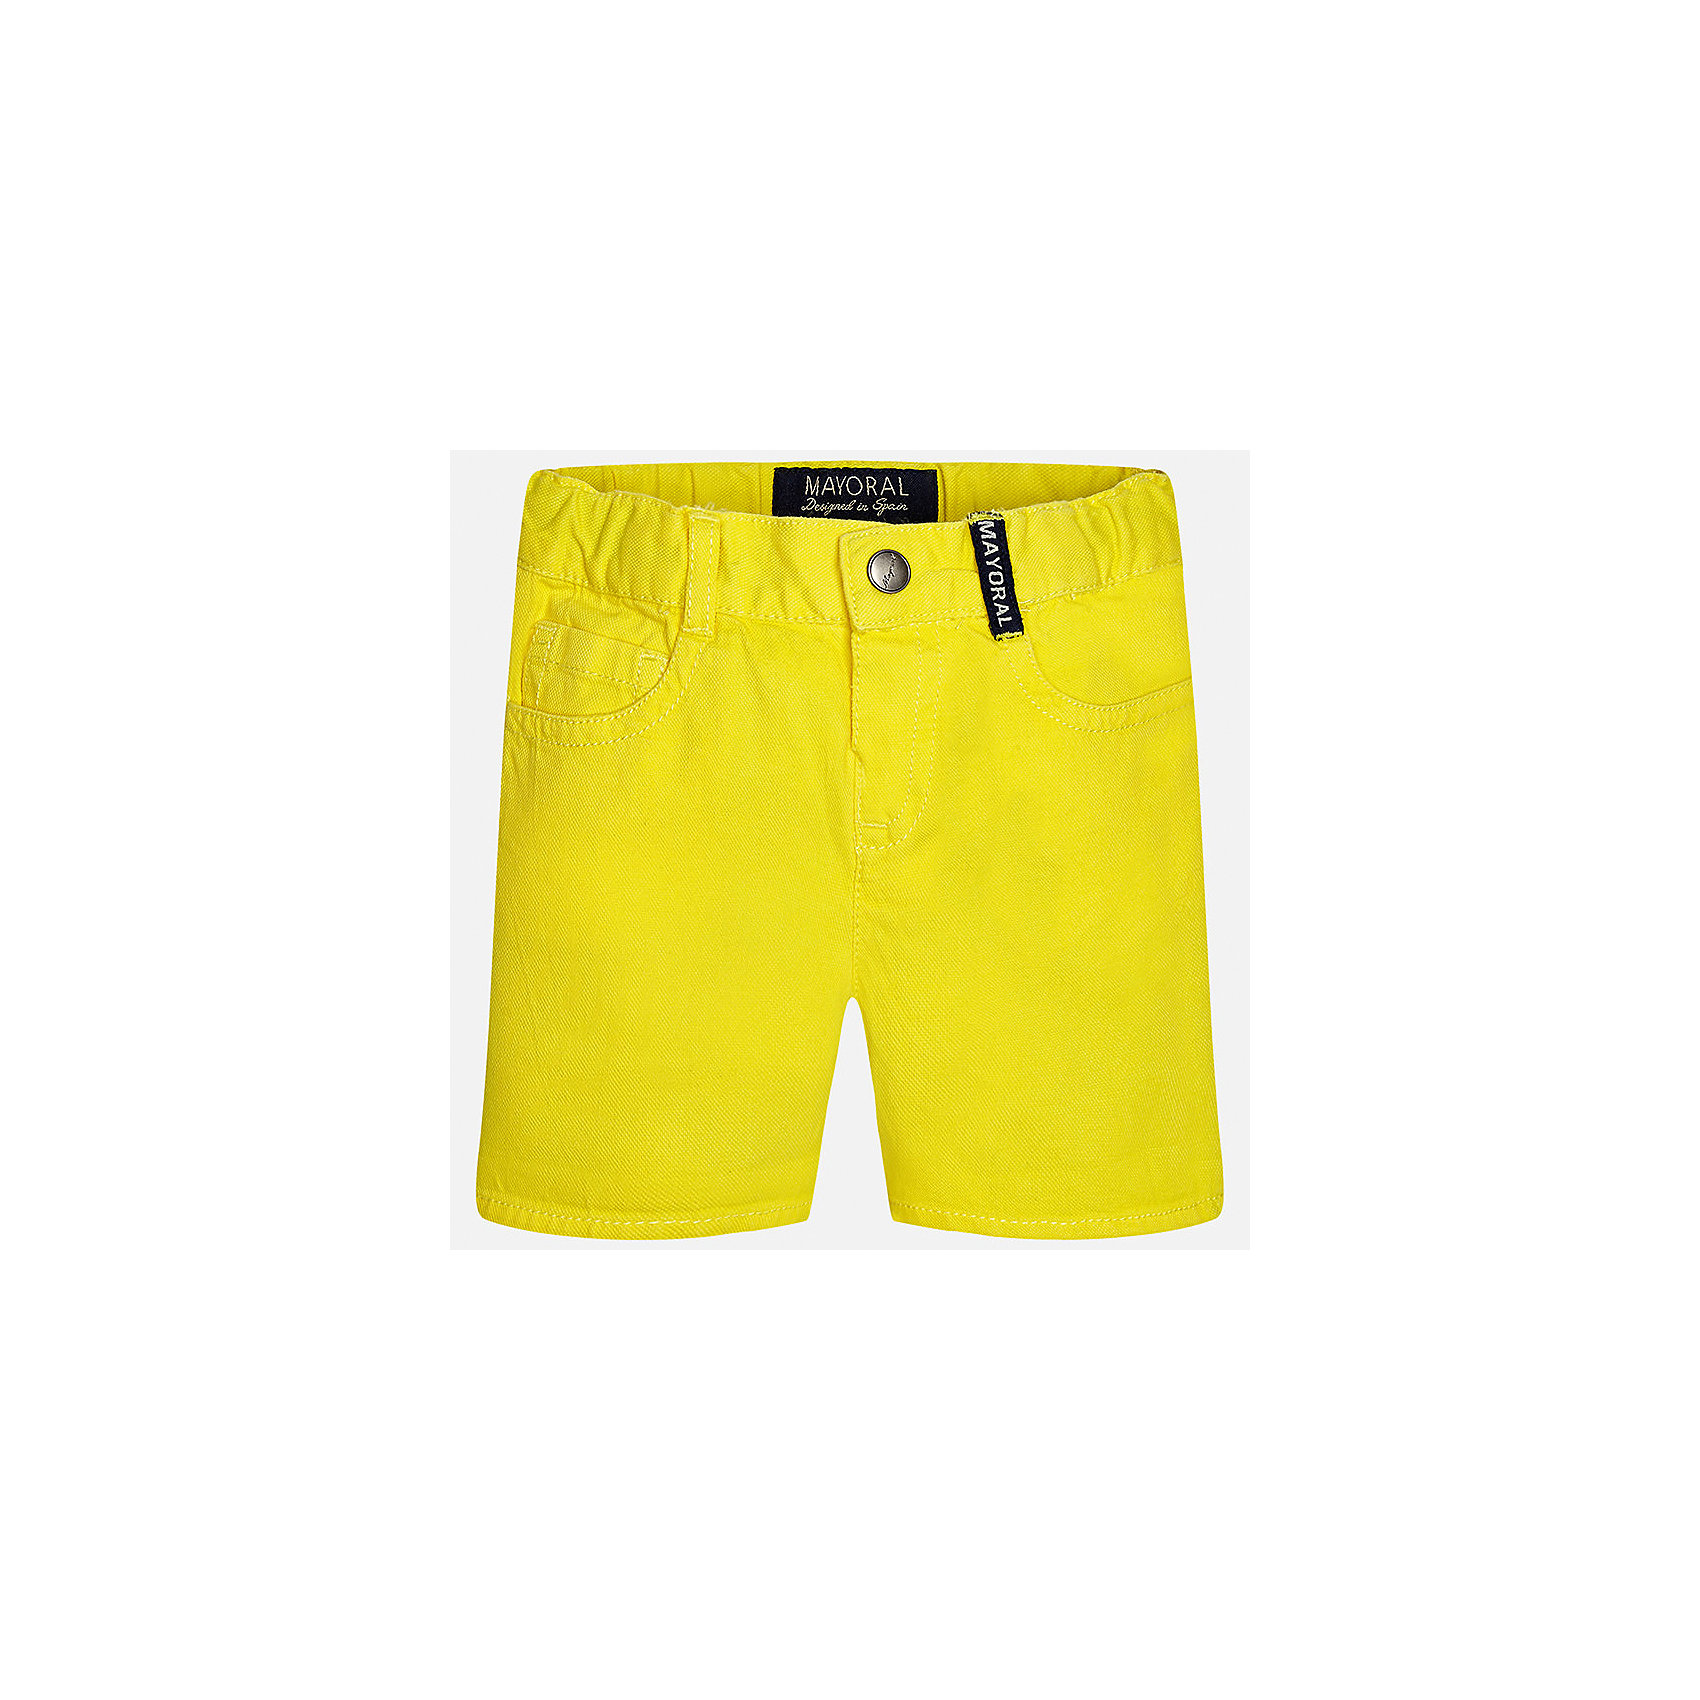 Бриджи для мальчика MayoralШорты, бриджи, капри<br>Характеристики товара:<br><br>• цвет: жёлтый<br>• состав: 100% хлопок<br>• шлевки<br>• карманы<br>• пояс с регулировкой объема<br>• нашивка с логотипом<br>• страна бренда: Испания<br><br>Модные бриджи для мальчика смогут стать базовой вещью в гардеробе ребенка. Они отлично сочетаются с майками, футболками, рубашками и т.д. Универсальный крой и цвет позволяет подобрать к вещи верх разных расцветок. Практичное и стильное изделие! В составе материала - только натуральный хлопок, гипоаллергенный, приятный на ощупь, дышащий.<br><br>Одежда, обувь и аксессуары от испанского бренда Mayoral полюбились детям и взрослым по всему миру. Модели этой марки - стильные и удобные. Для их производства используются только безопасные, качественные материалы и фурнитура. Порадуйте ребенка модными и красивыми вещами от Mayoral! <br><br>Бриджи для мальчика от испанского бренда Mayoral (Майорал) можно купить в нашем интернет-магазине.<br><br>Ширина мм: 191<br>Глубина мм: 10<br>Высота мм: 175<br>Вес г: 273<br>Цвет: желтый<br>Возраст от месяцев: 6<br>Возраст до месяцев: 9<br>Пол: Мужской<br>Возраст: Детский<br>Размер: 74,92,86,80<br>SKU: 5279490